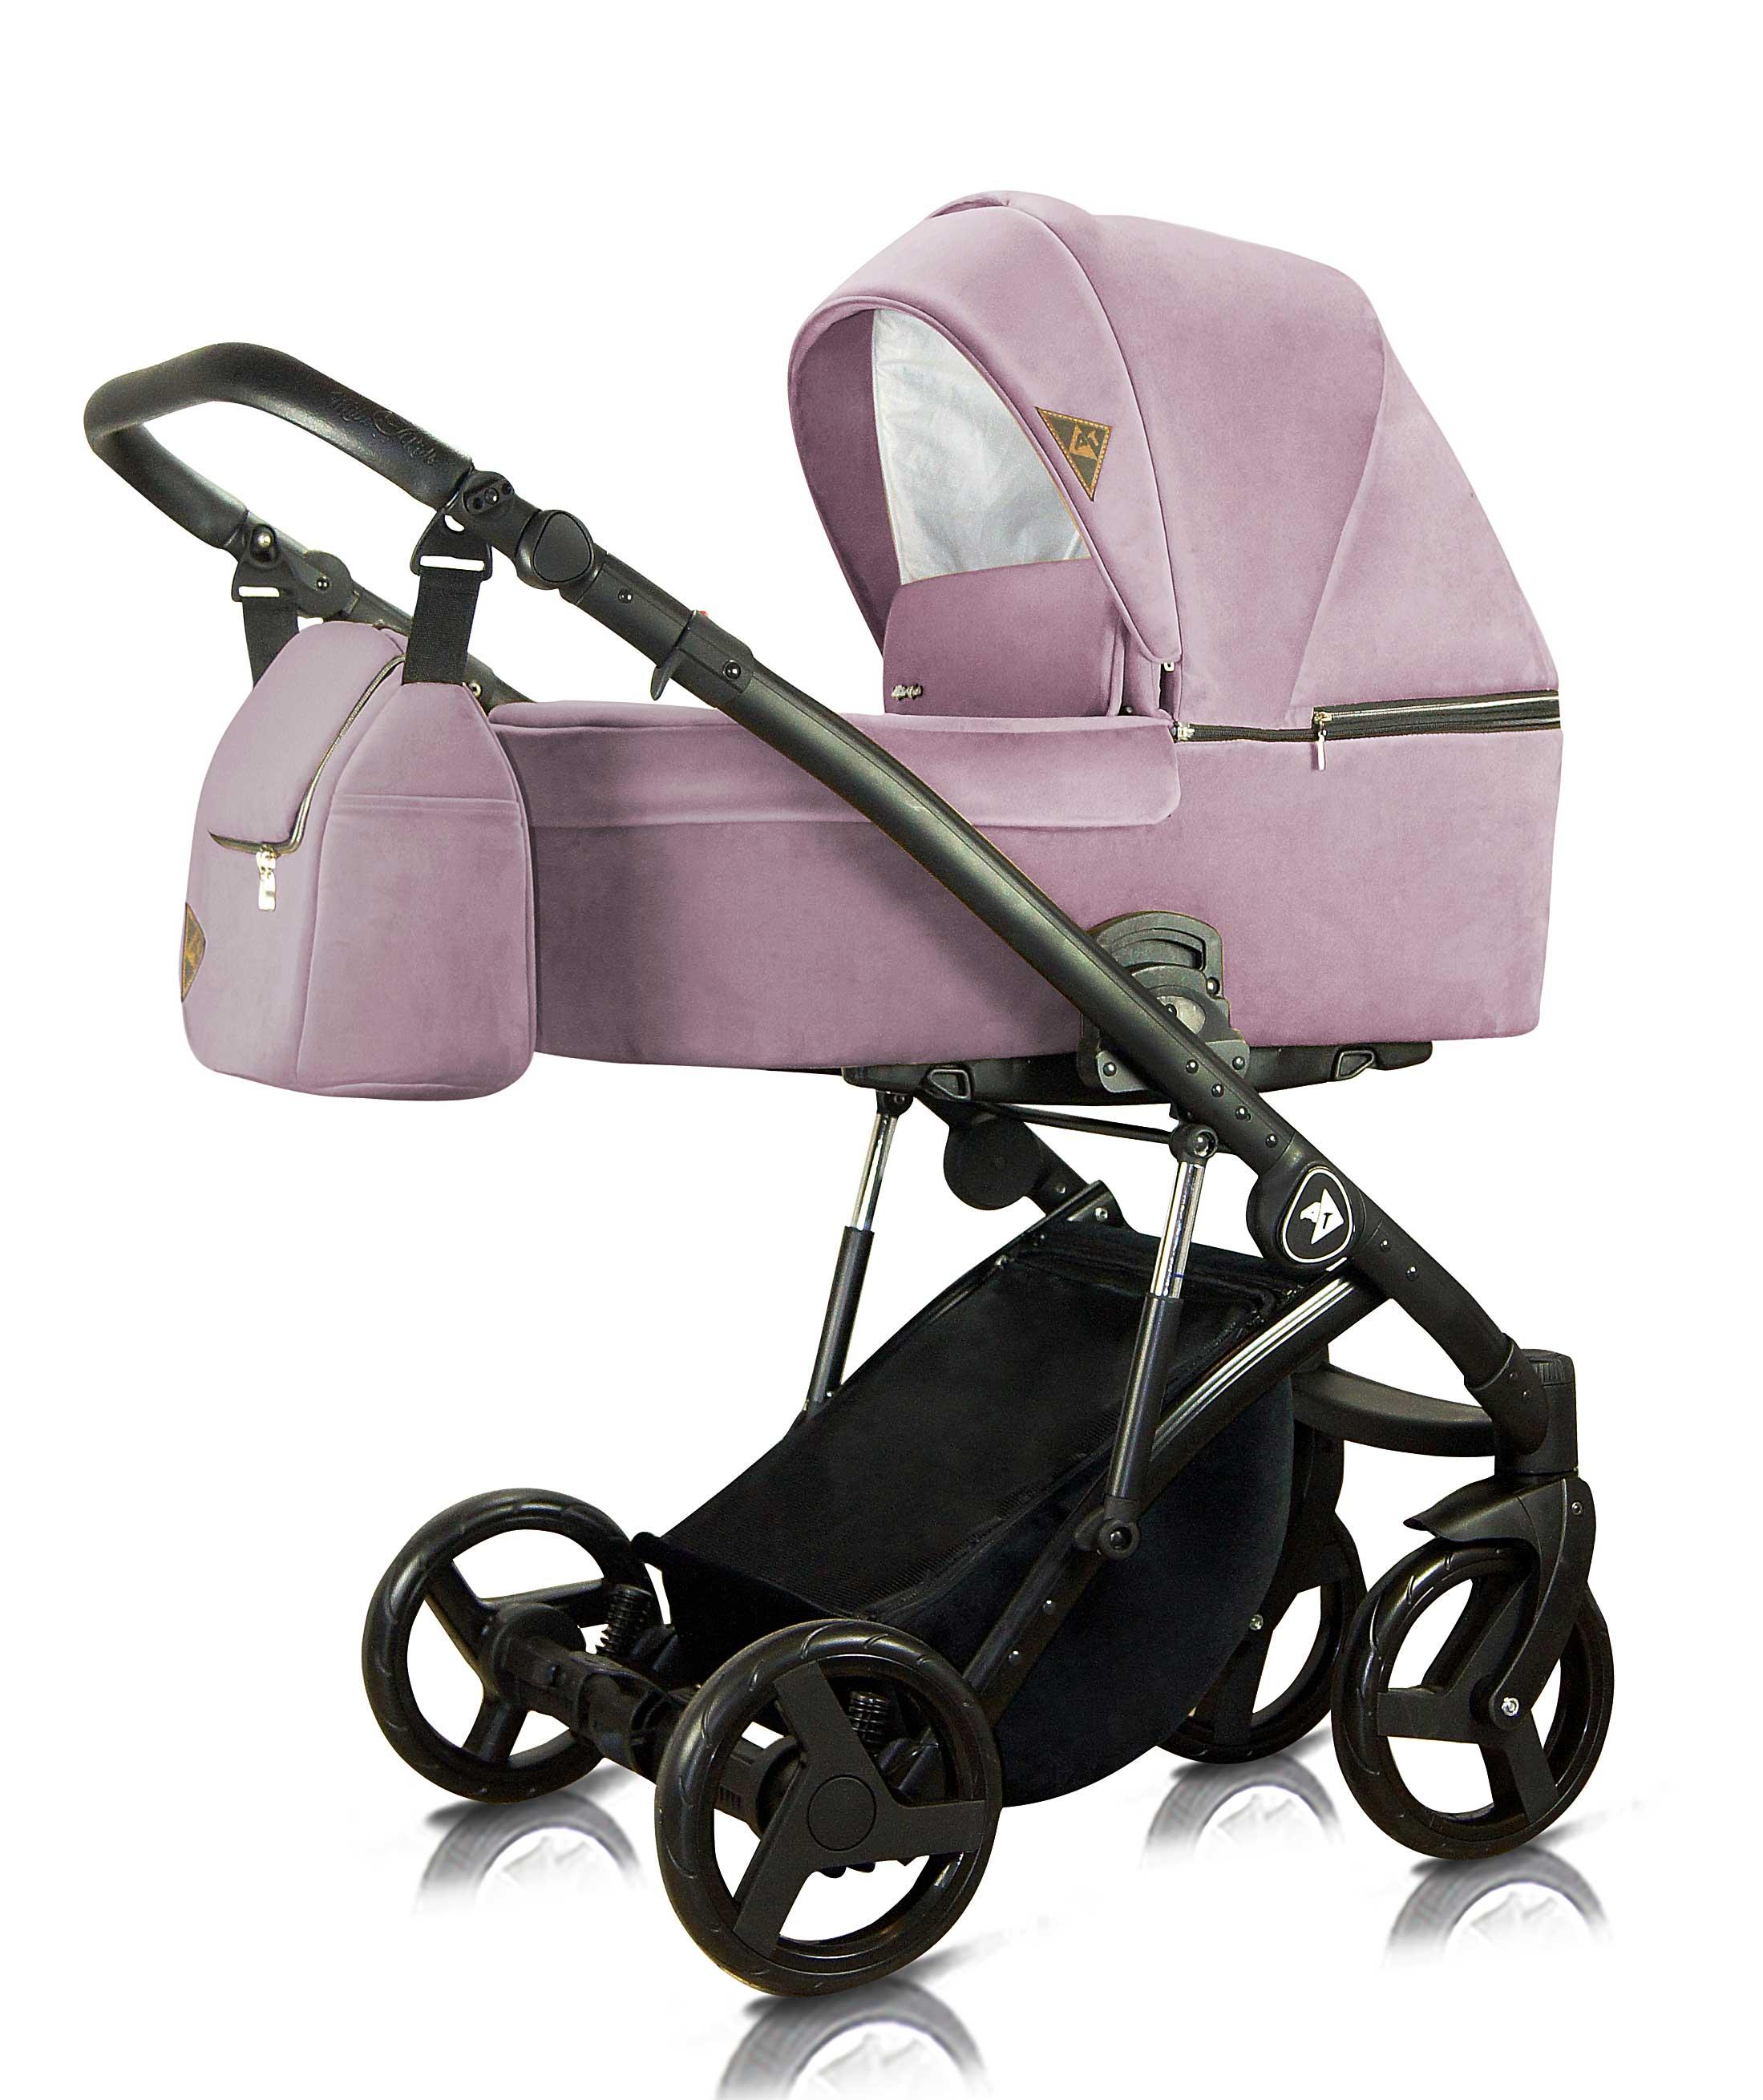 Atteso Milu Kids wózek dziecięcy wielofunkcyjny